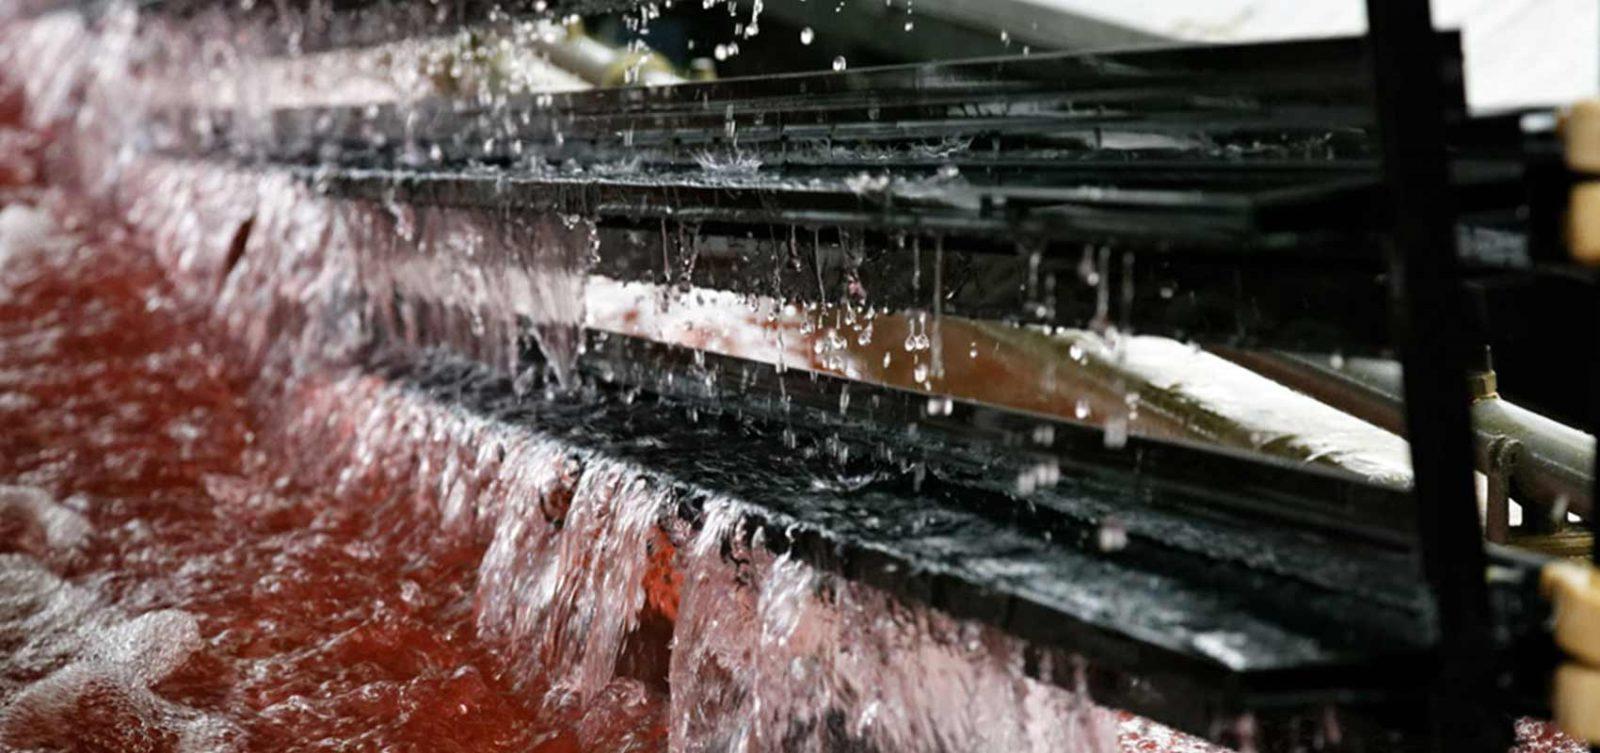 Korrosionsbeständig und witterungsbeständig |Aluminium mit Anodisierung/Eloxierung der Oberfläche für Aussenfassaden und die Automobilindustrie